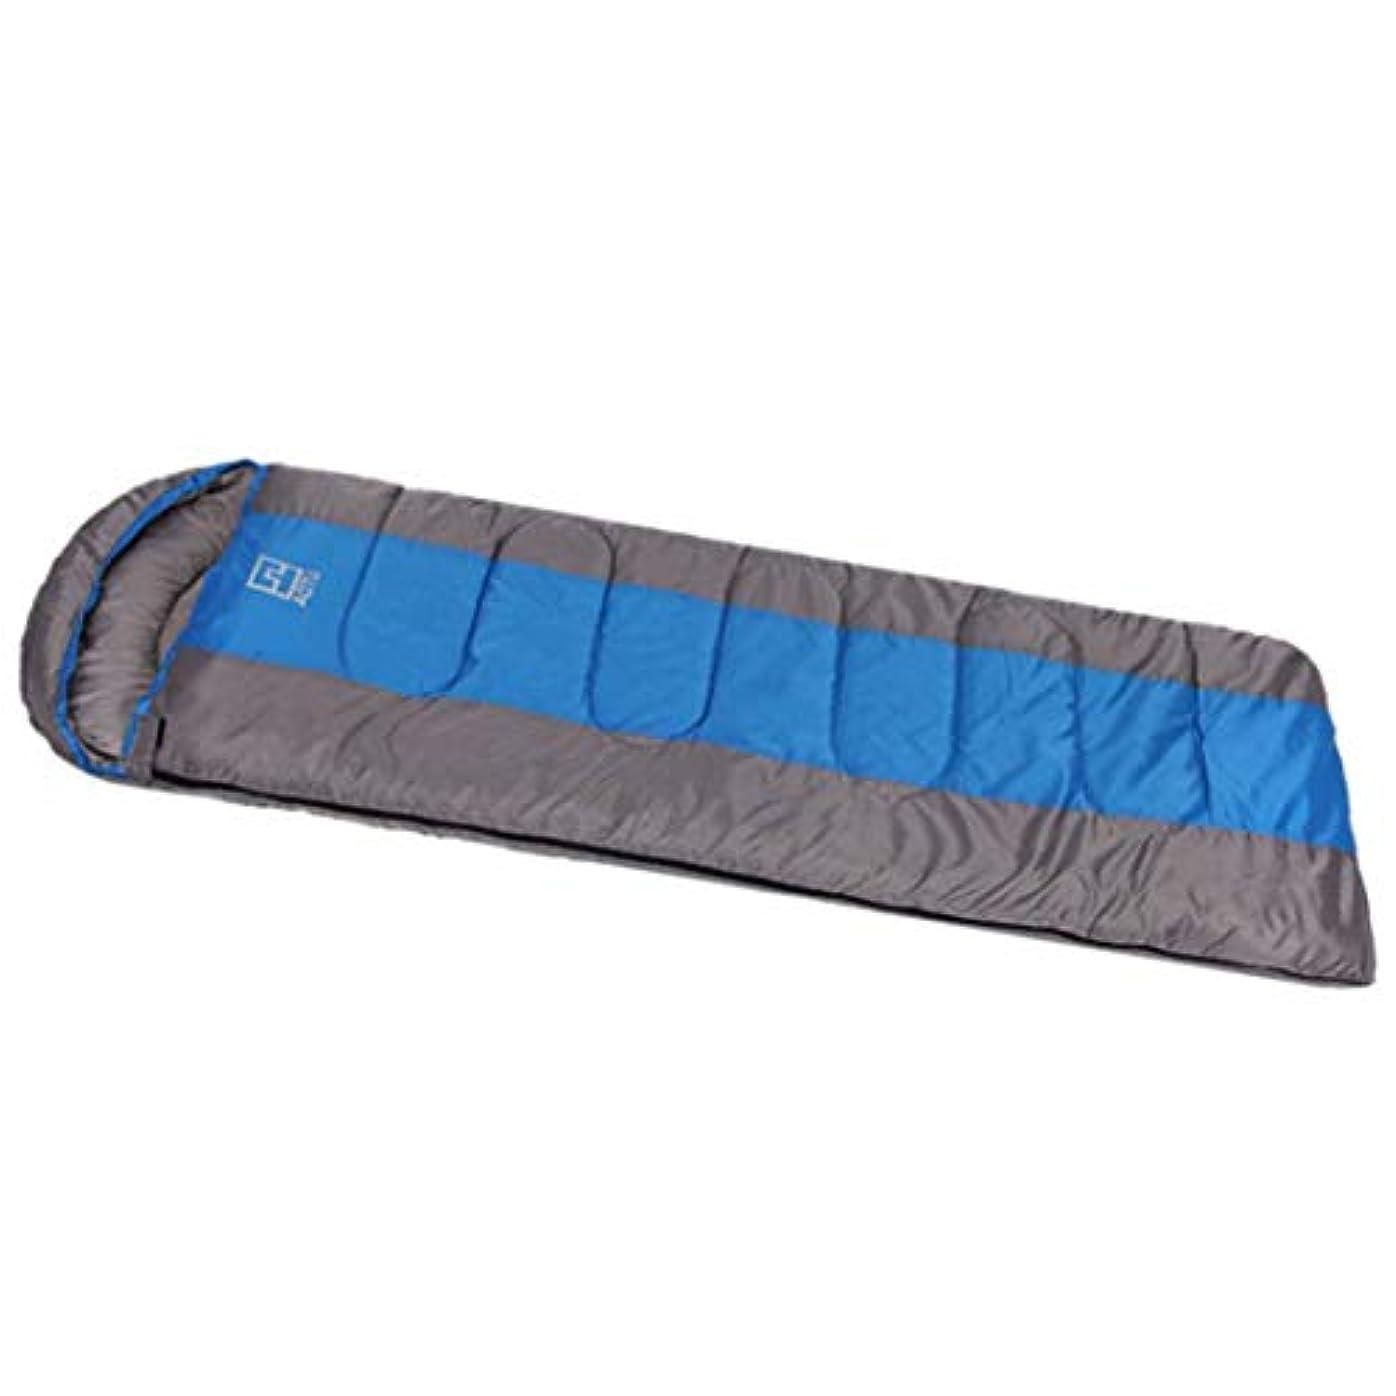 マイクロプロセッサ敬意を表してジョガーCUBCBIIS キャンプ用スリーピングバッグ - エンベロープ軽量ポータブル防水コンフォート - 2つの季節に最適ハイキングアウトドアアクティビティ (Color : ブルー)